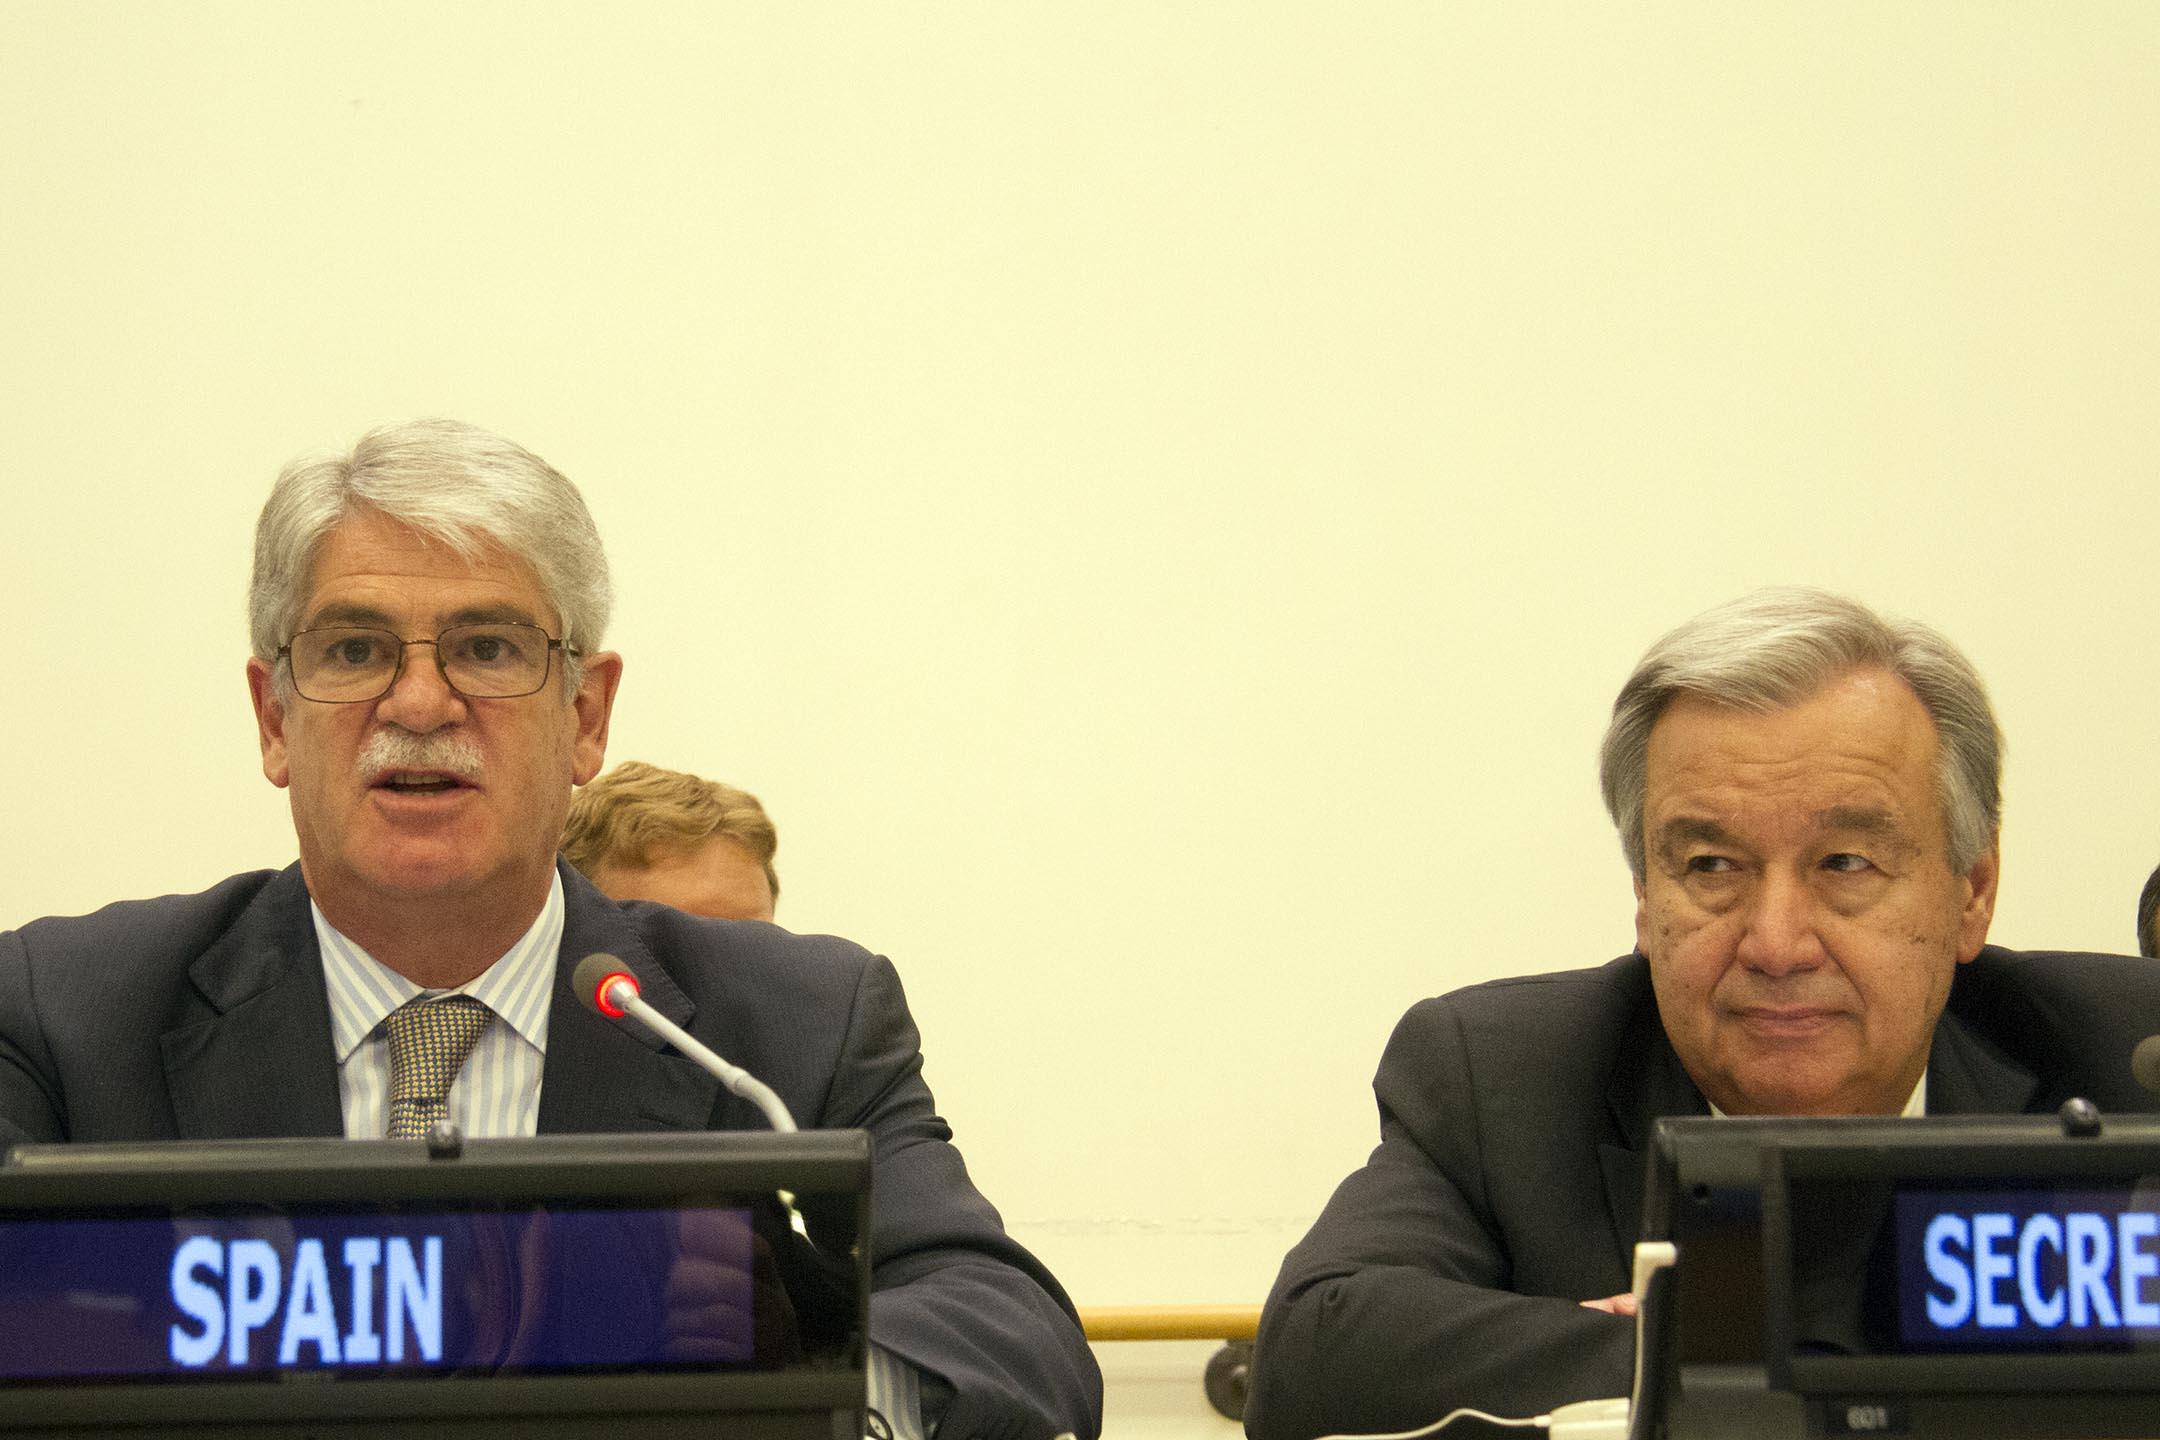 """El ministro de Asuntos Exteriores interviene en la reunión sobre """"El papel de los líderes religiosos en la construcción de la paz en Oriente Medio"""""""